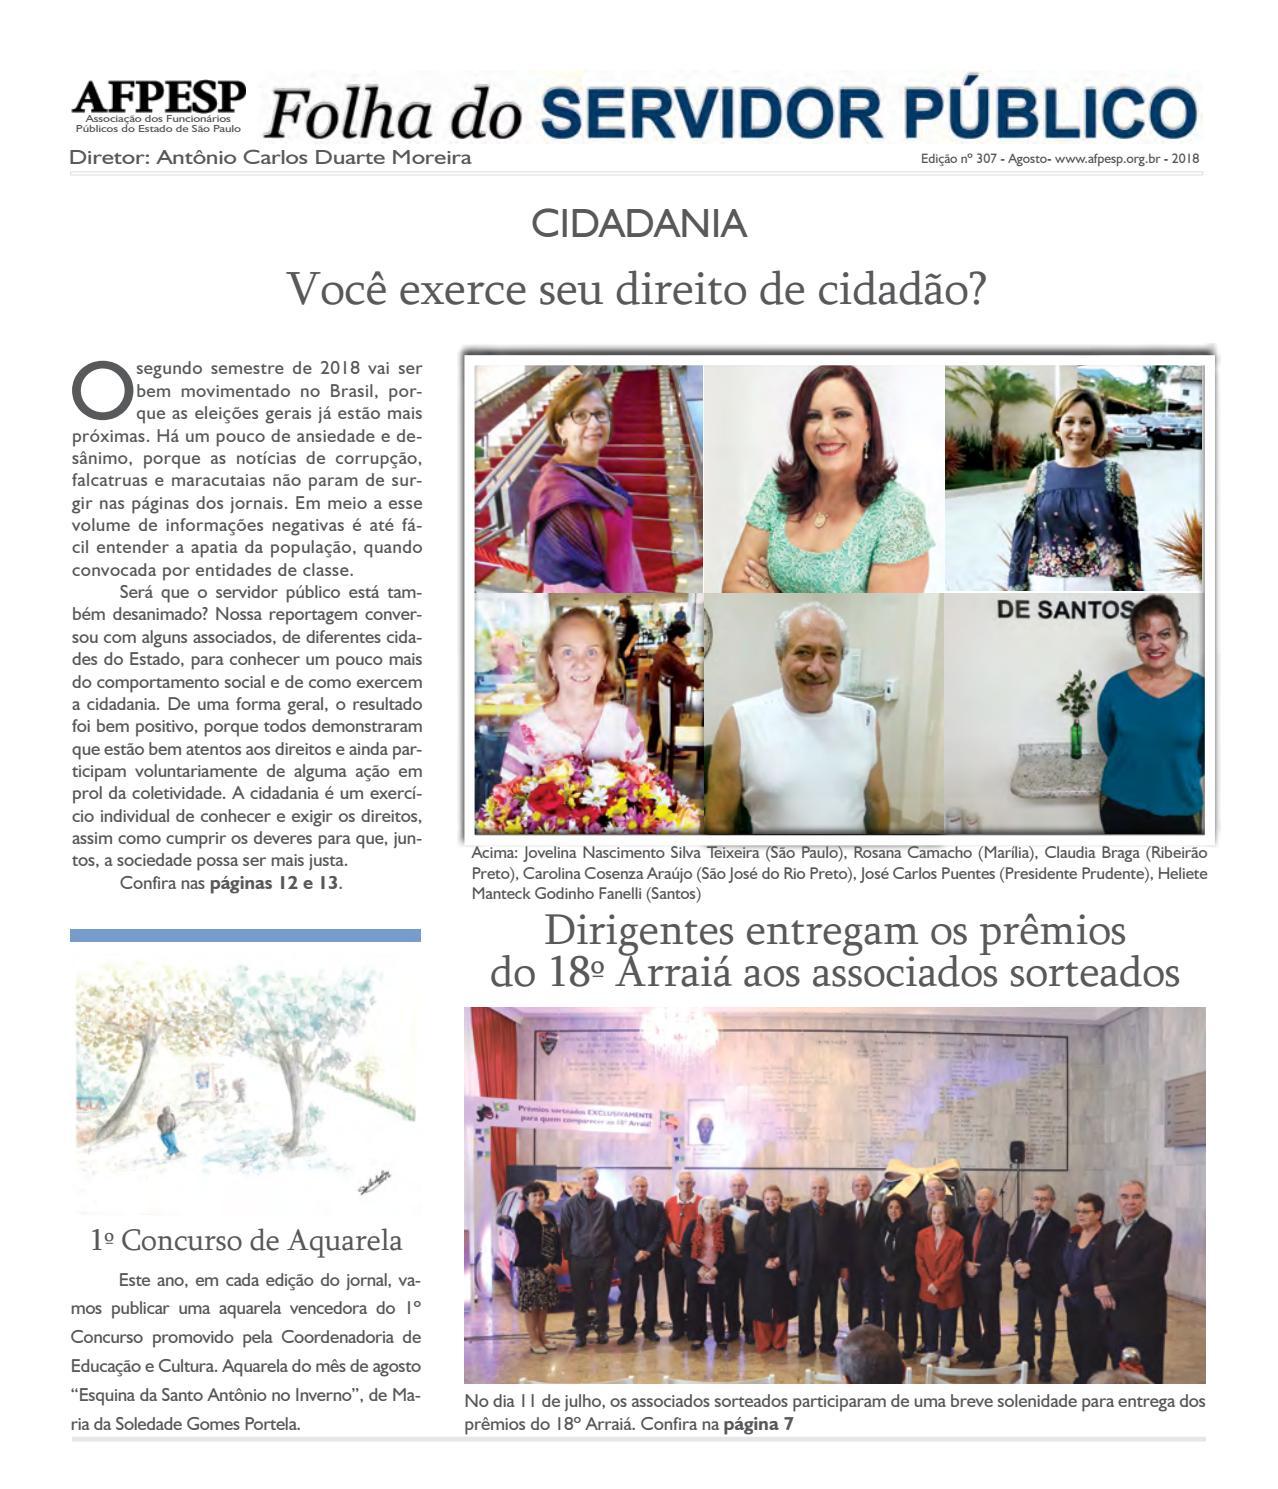 4cfb1a11f Folha do Servidor Público - Agosto - 2018 - Edição 307 by  folhadoservidorpublico - sp - issuu